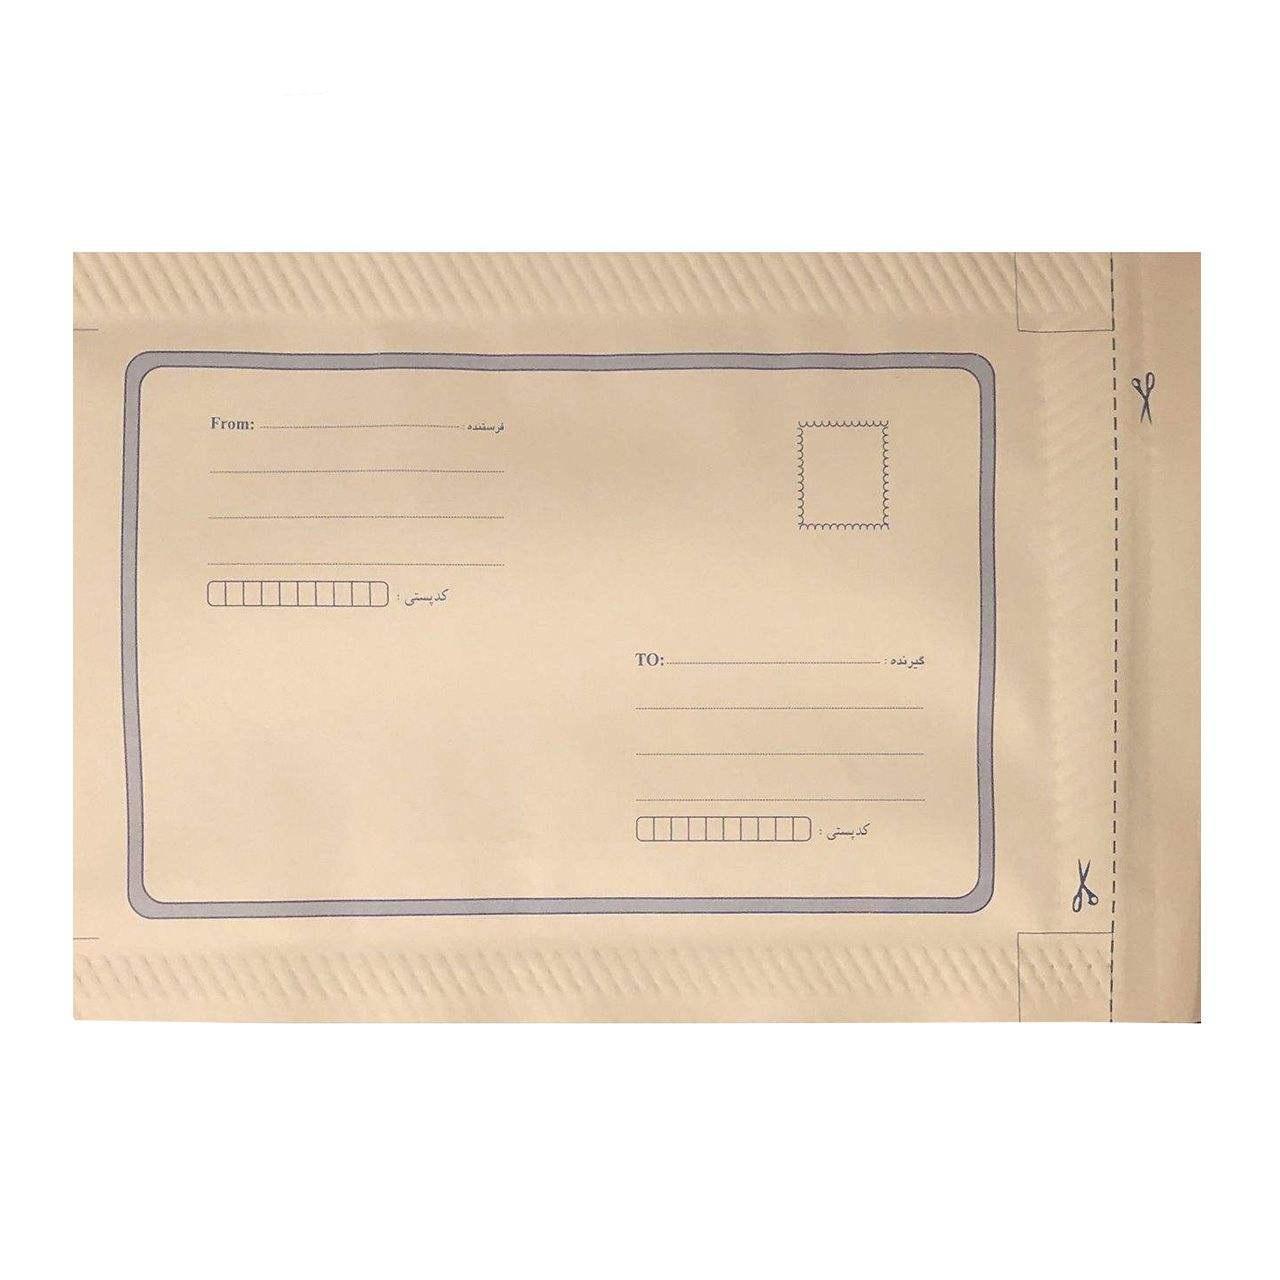 پاکت نامه پستی مدل حبابدار سایز A5 بسته 50 عددی